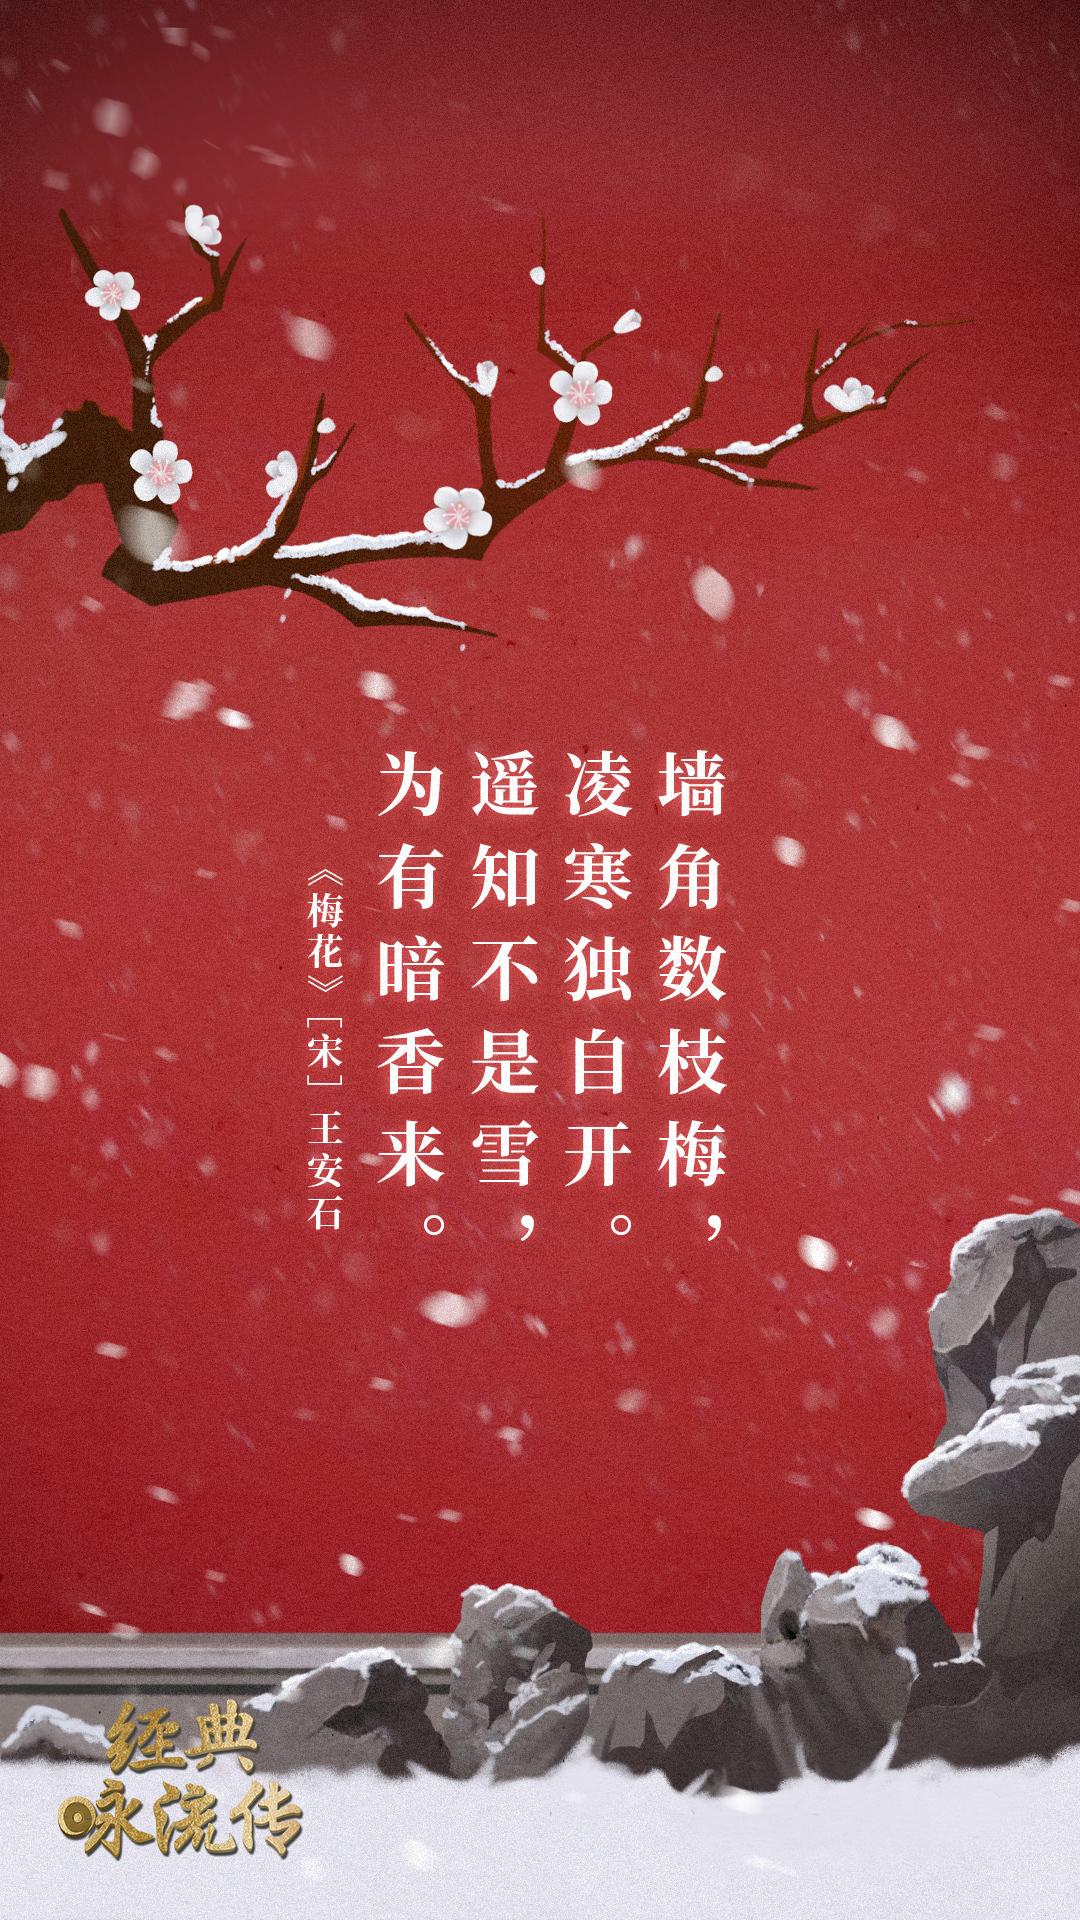 《经典咏流传》诗词意境海报合集 欣赏-第33张